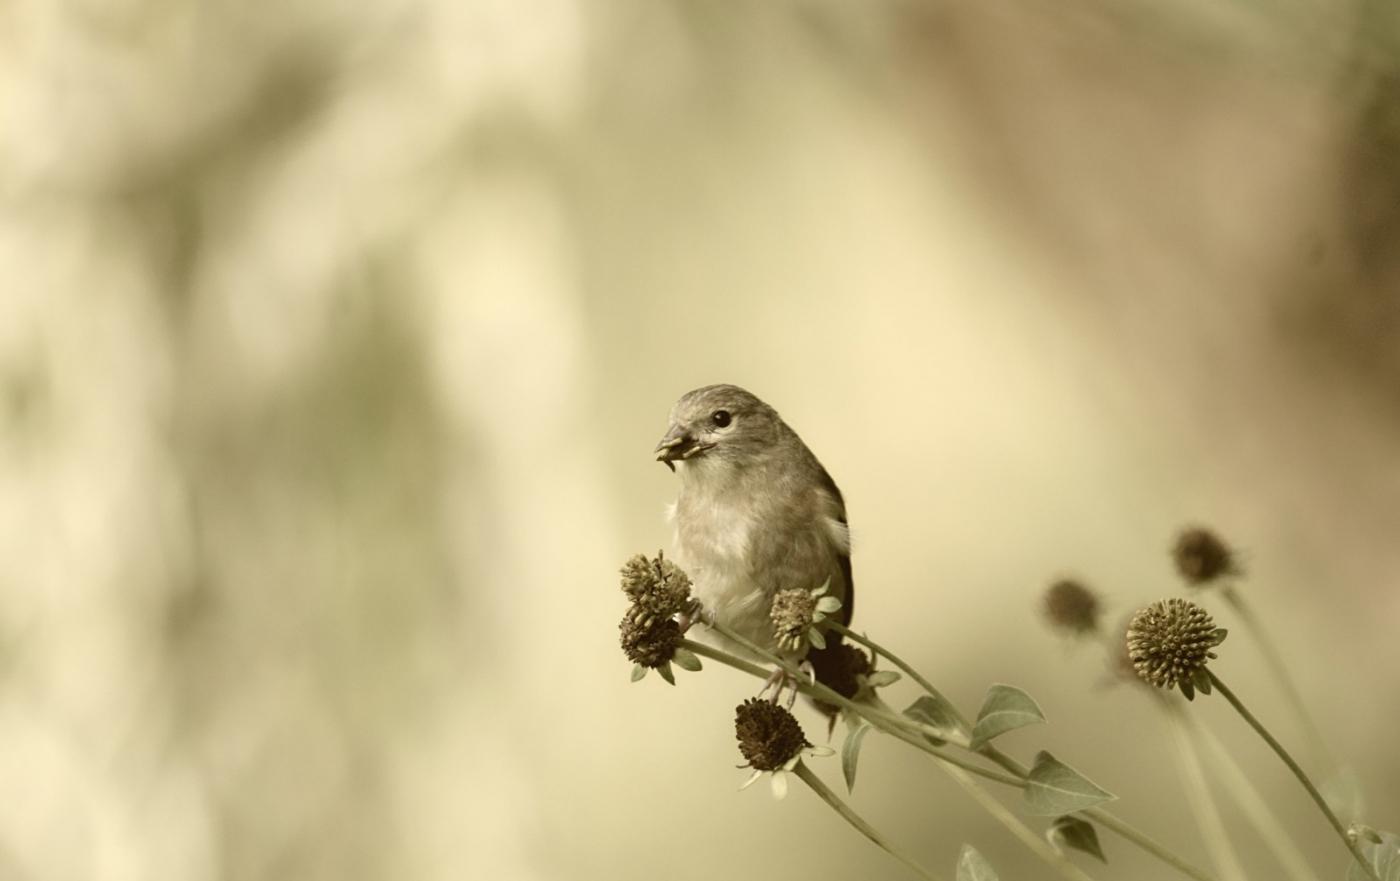 [田螺摄影]金翅鸟_图1-6